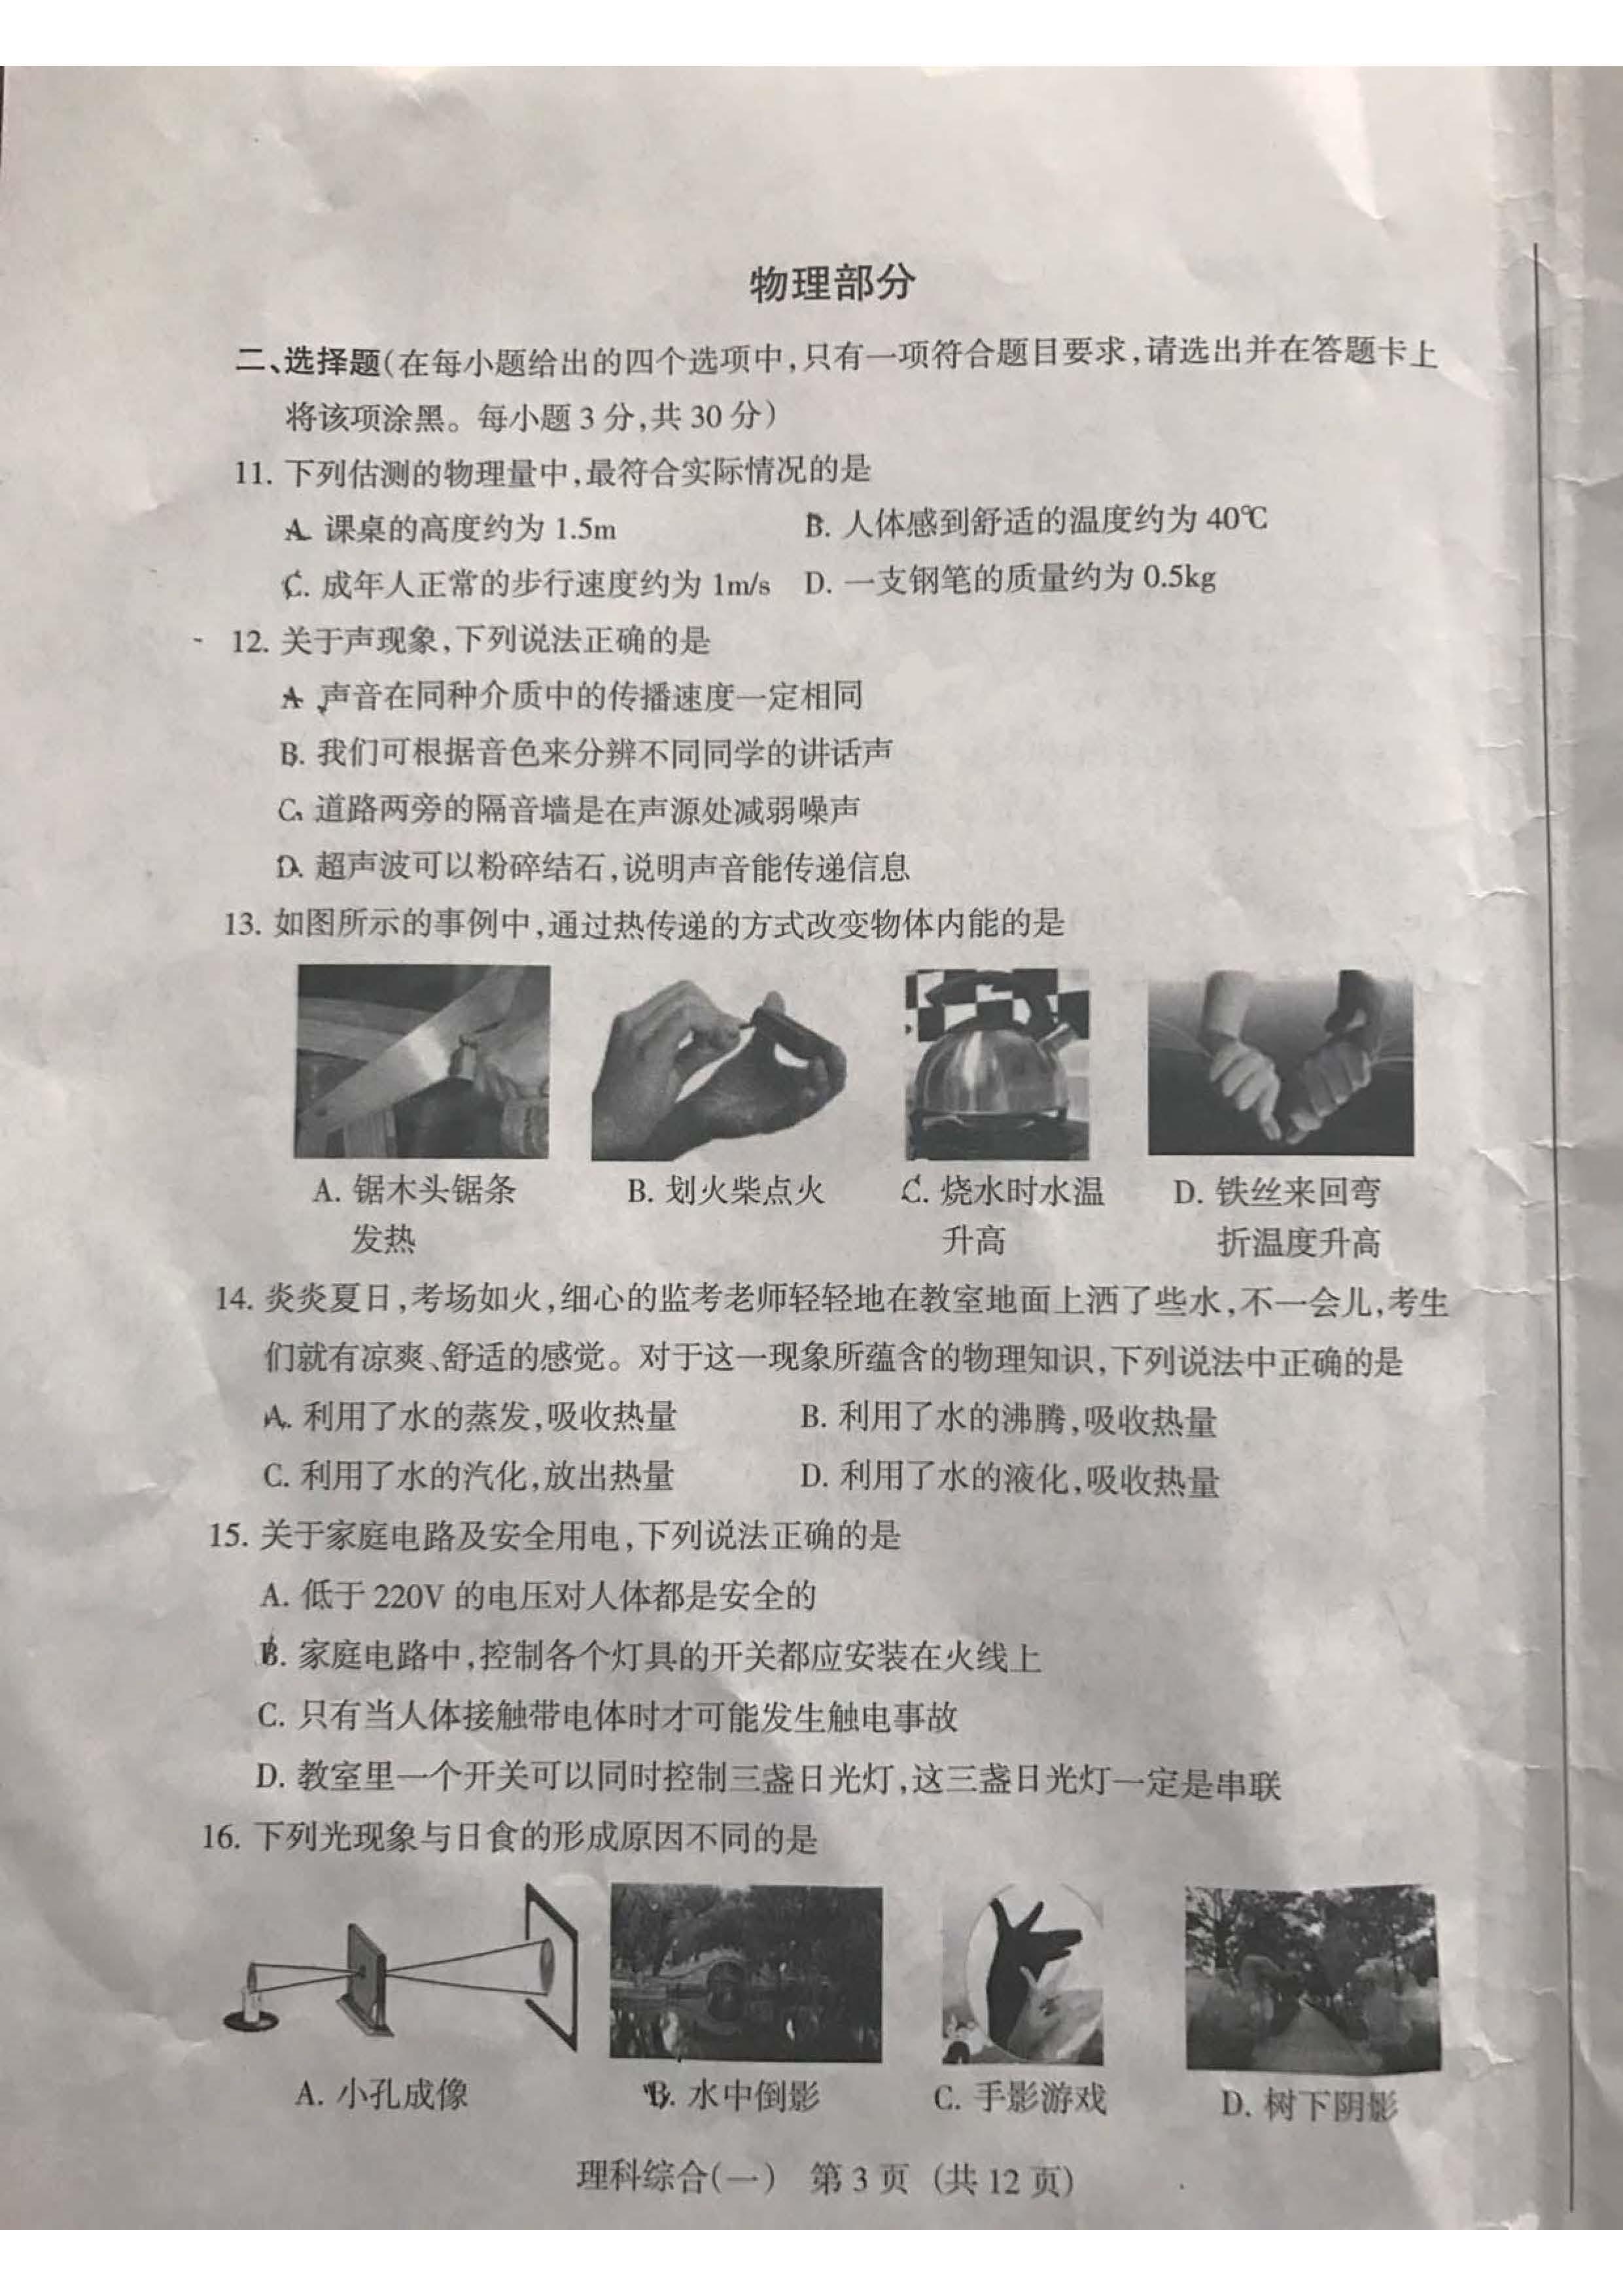 2017山西中考模拟百校联考(一)理综试题及答案(图片版)